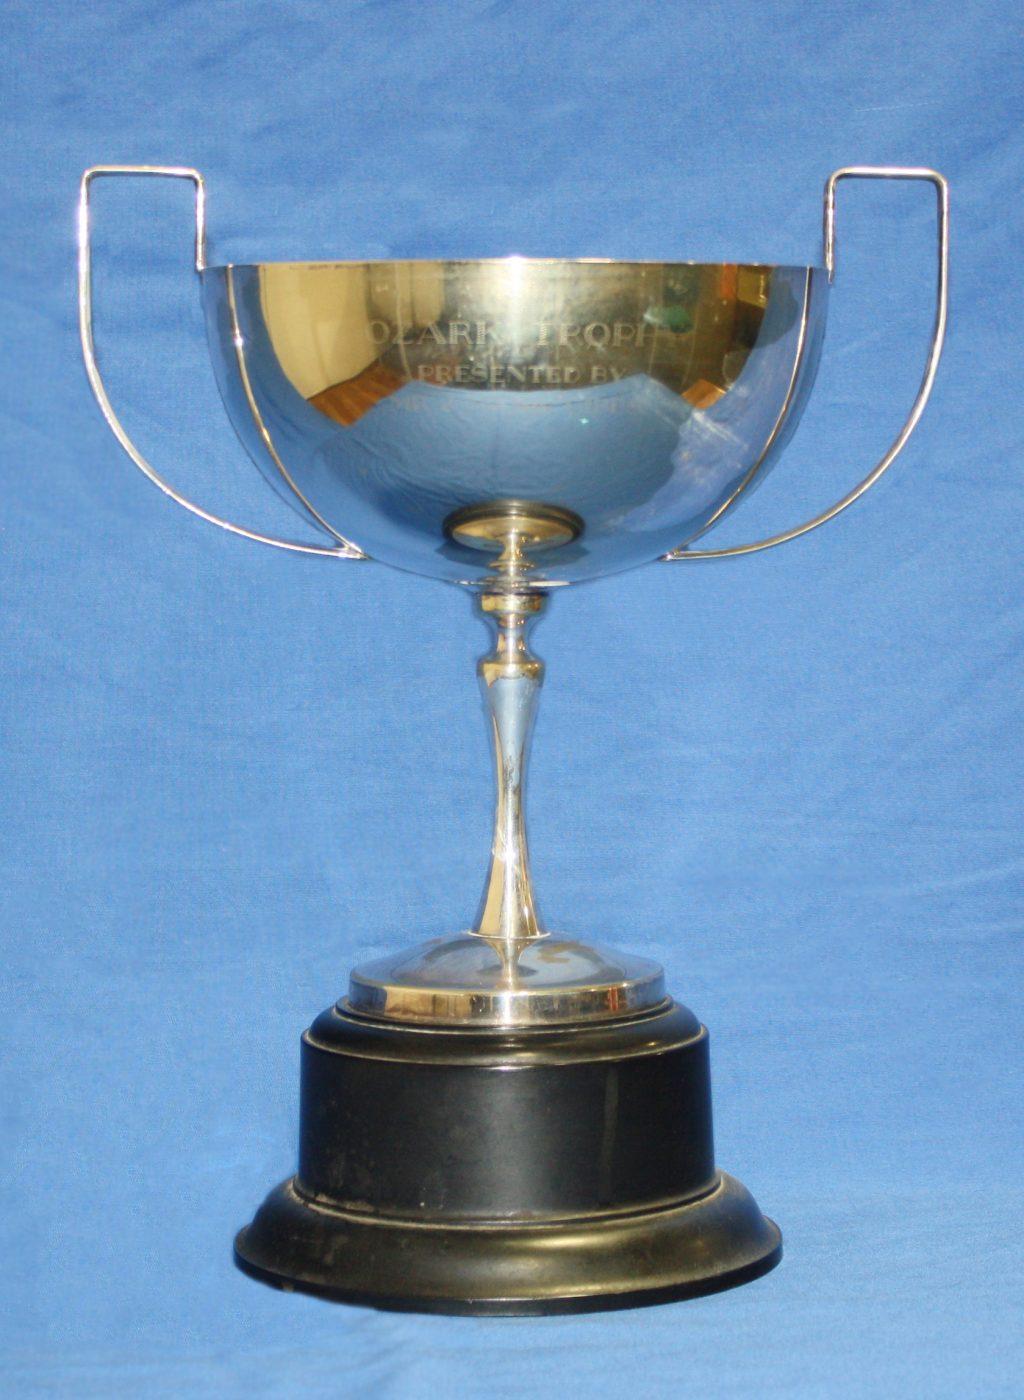 Ozark Trophy